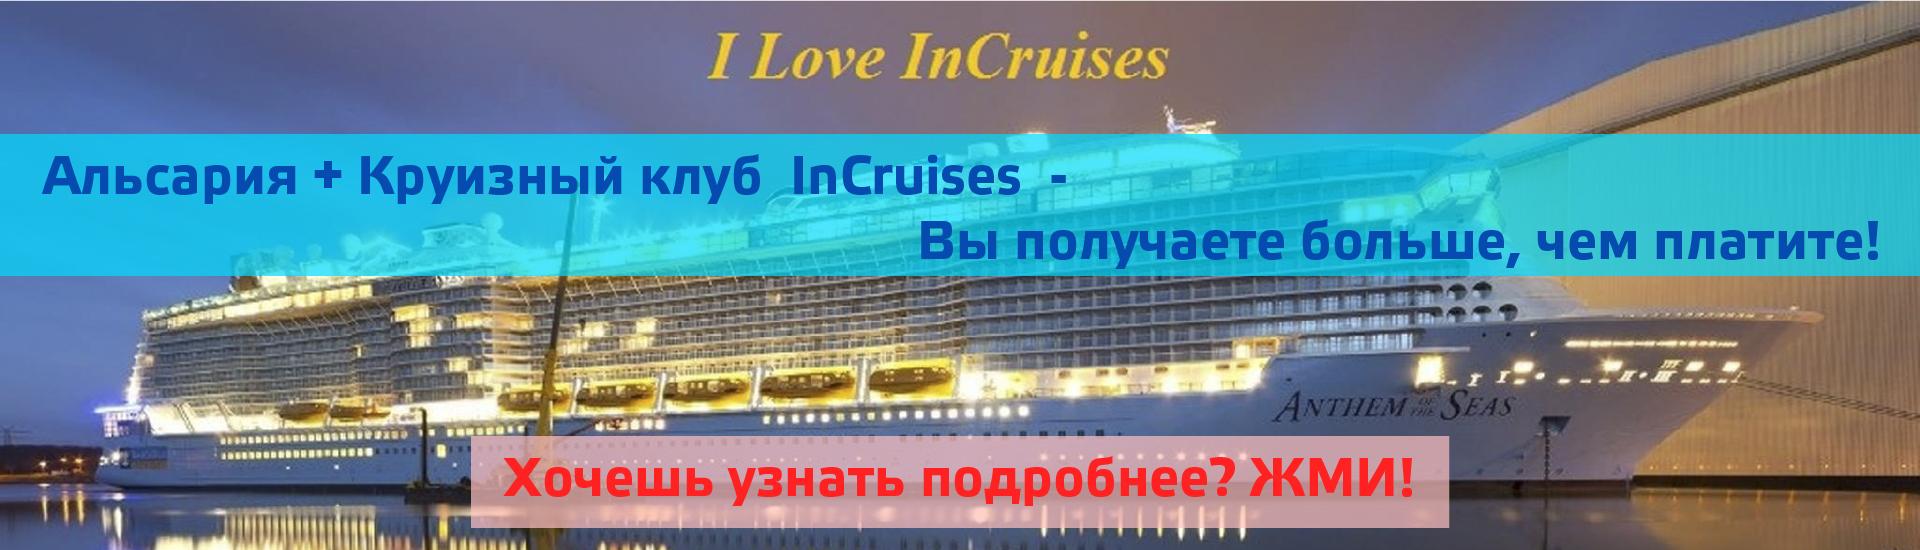 Альсария + Круизный клуб InCruises - Вы получаете больше, чем платите!